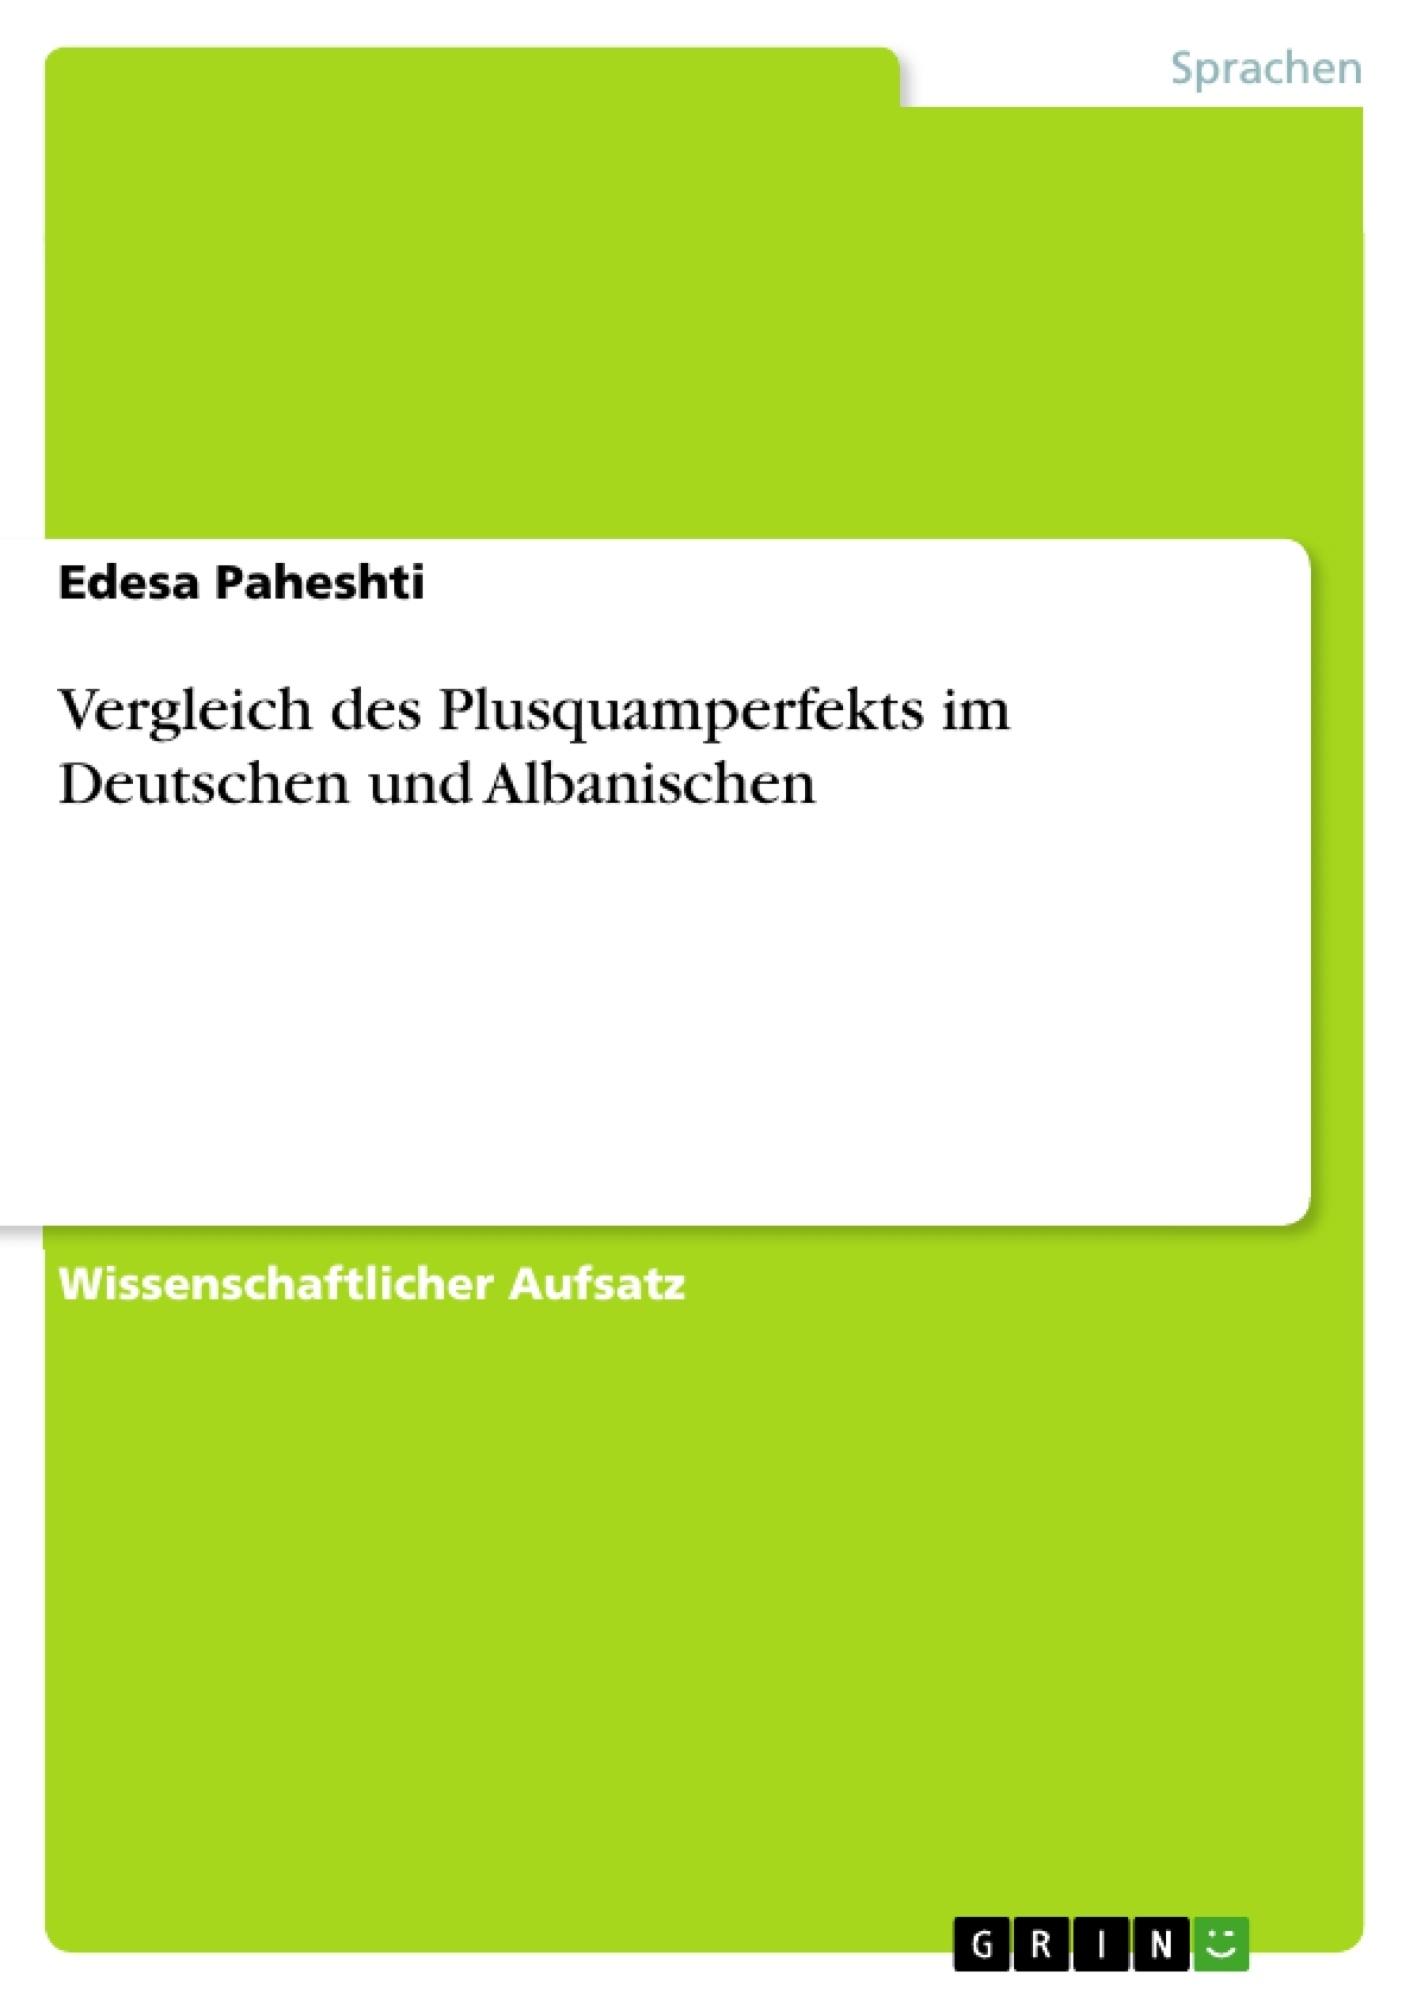 Titel: Vergleich des Plusquamperfekts im Deutschen und Albanischen